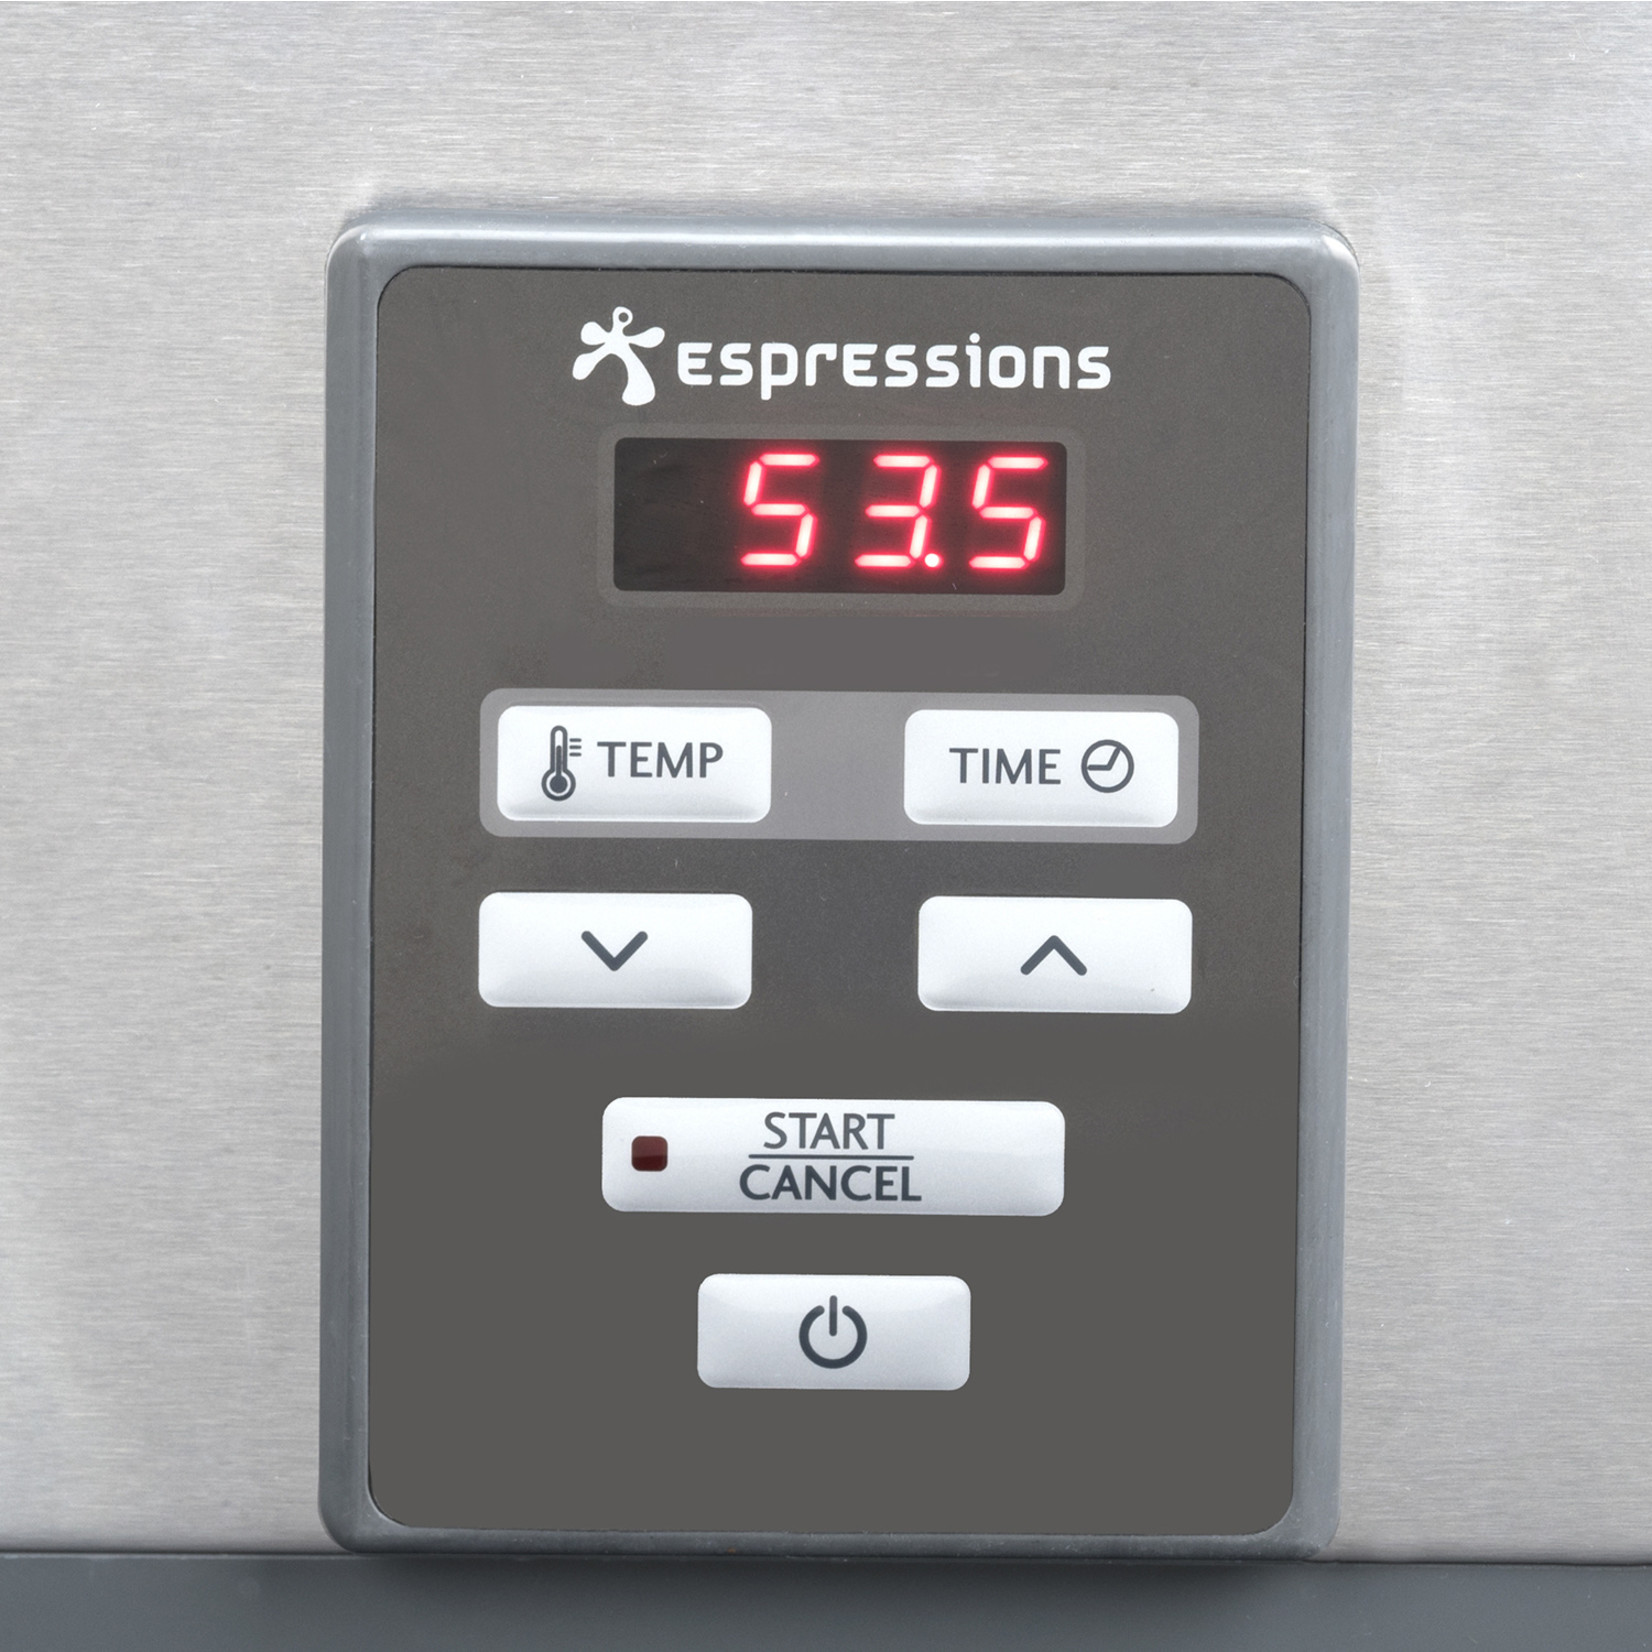 Espressions Espressions Premium Sous Vide Smart EP5000